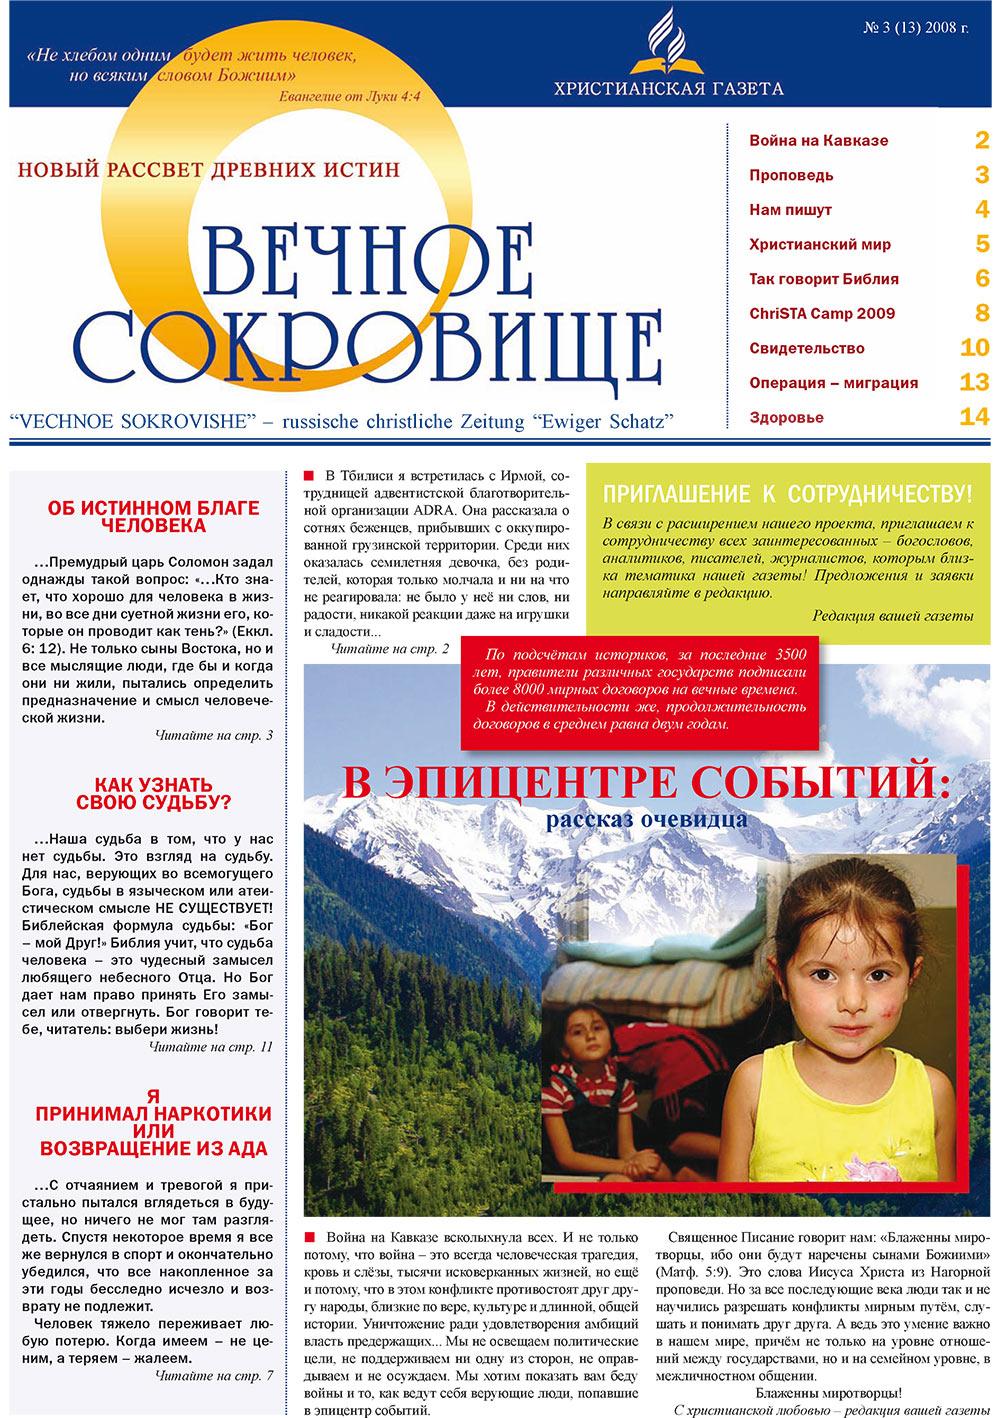 Вечное сокровище (газета). 2008 год, номер 3, стр. 1